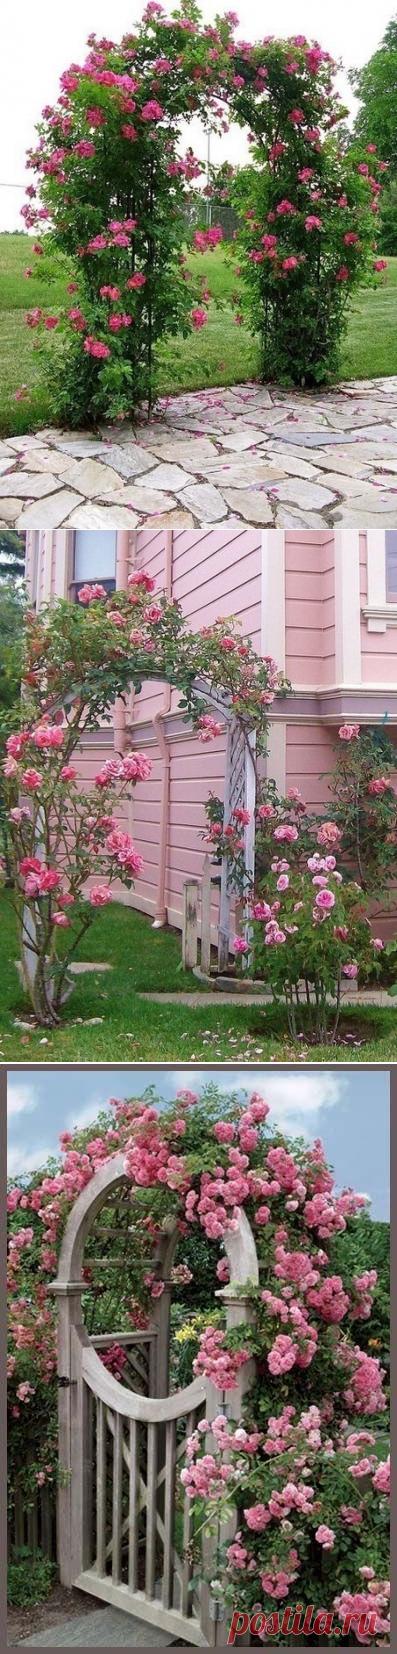 Прекрасные арки из цветов